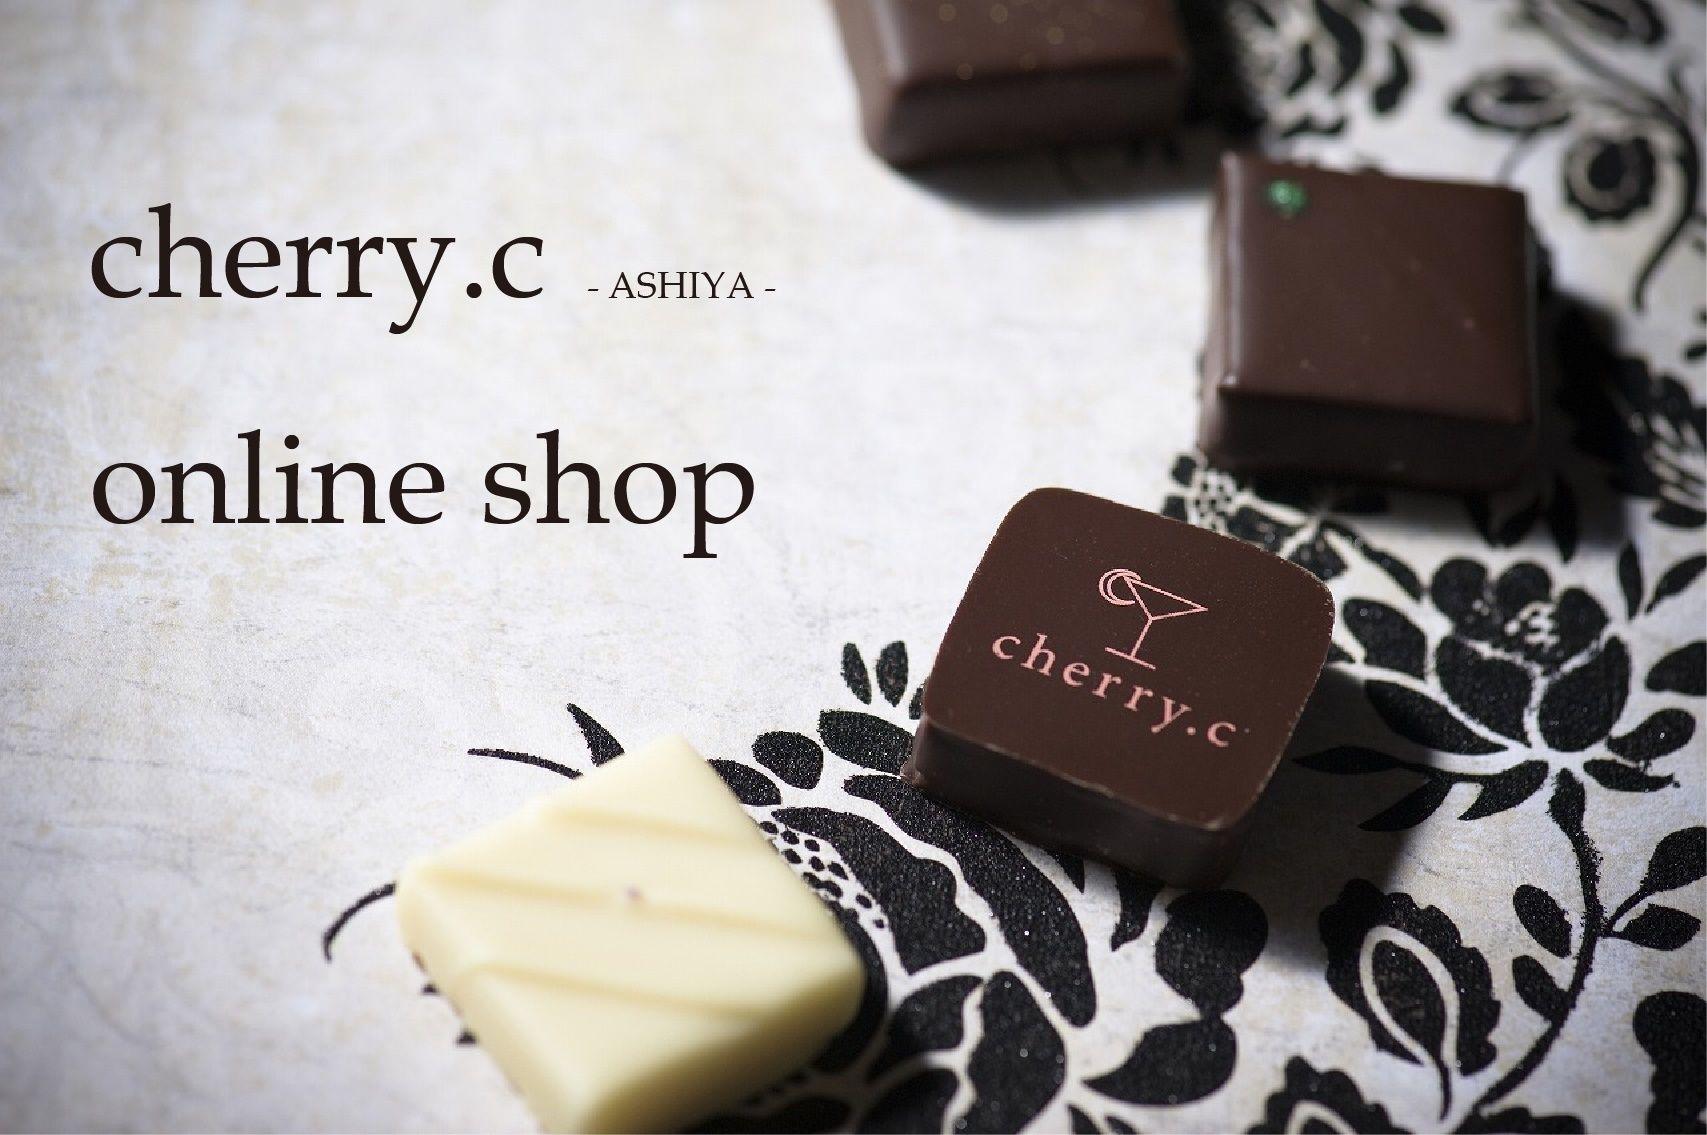 芦屋のチョコレートショップ【cherry.c】